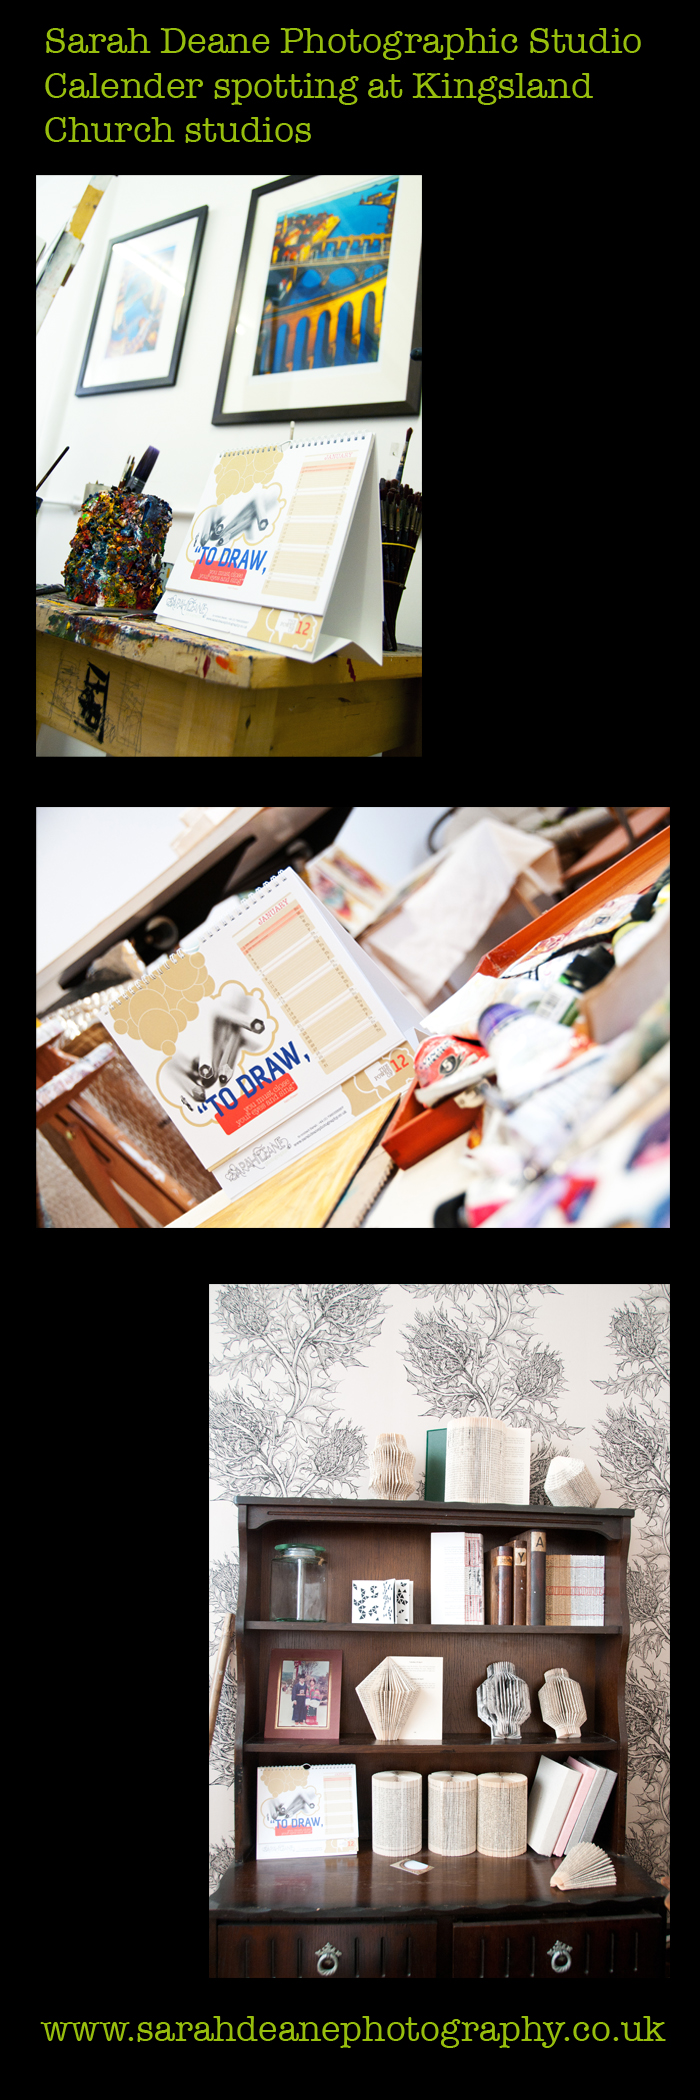 photographic & graphic design calendar 2012